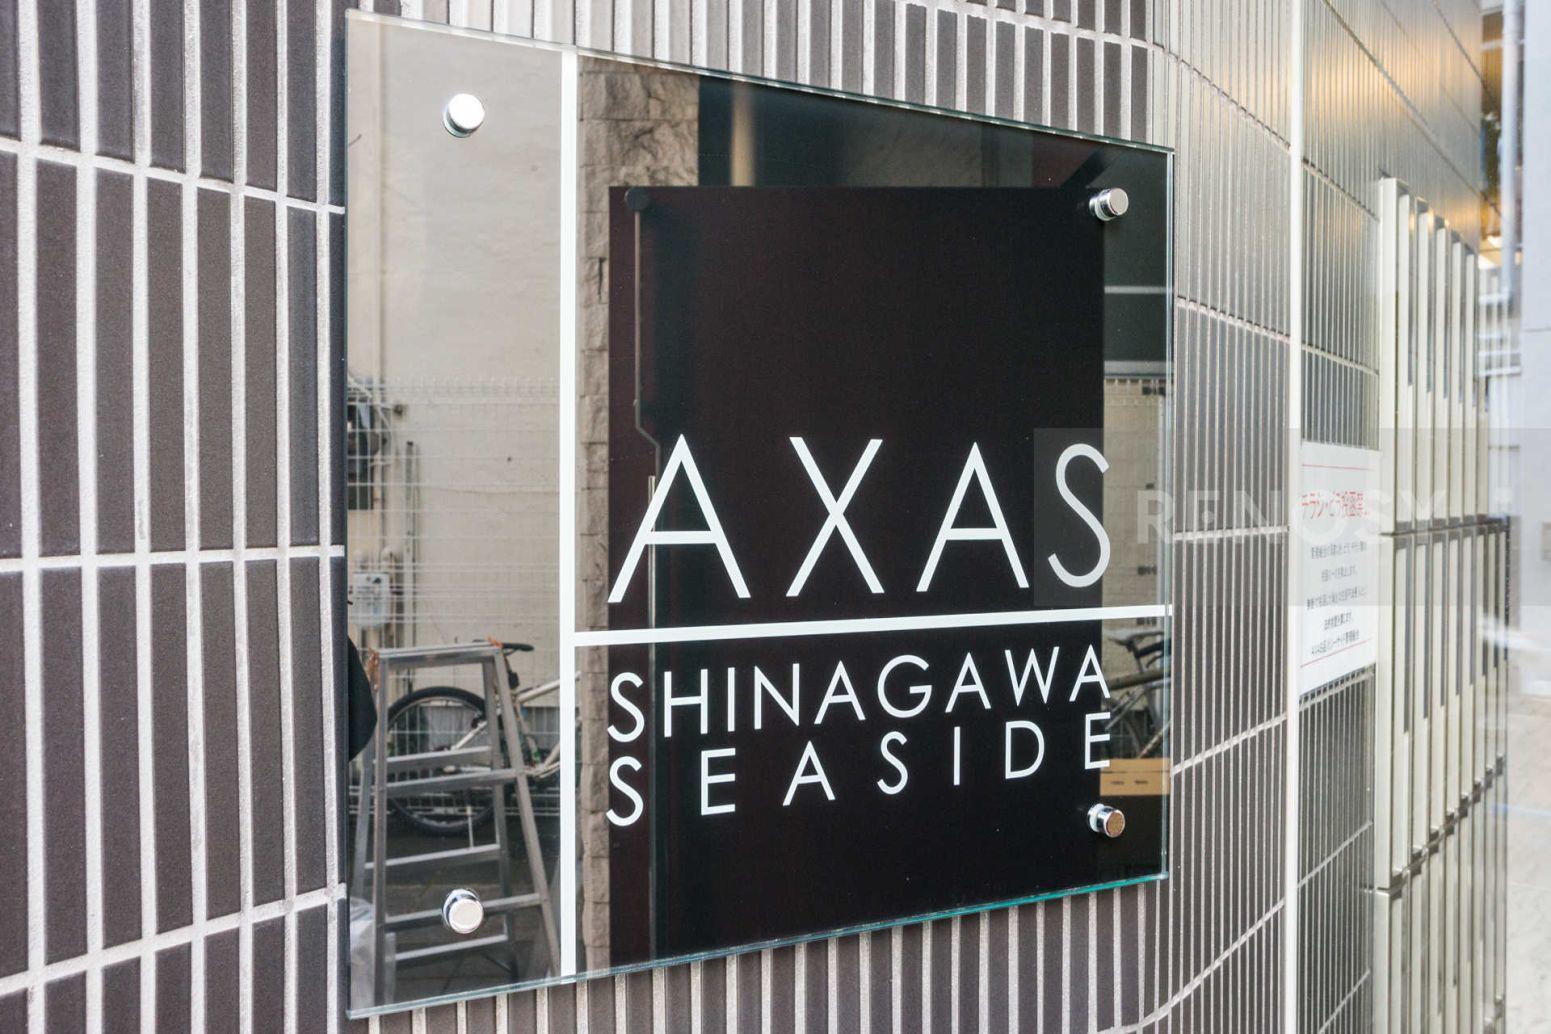 AXAS品川シーサイド